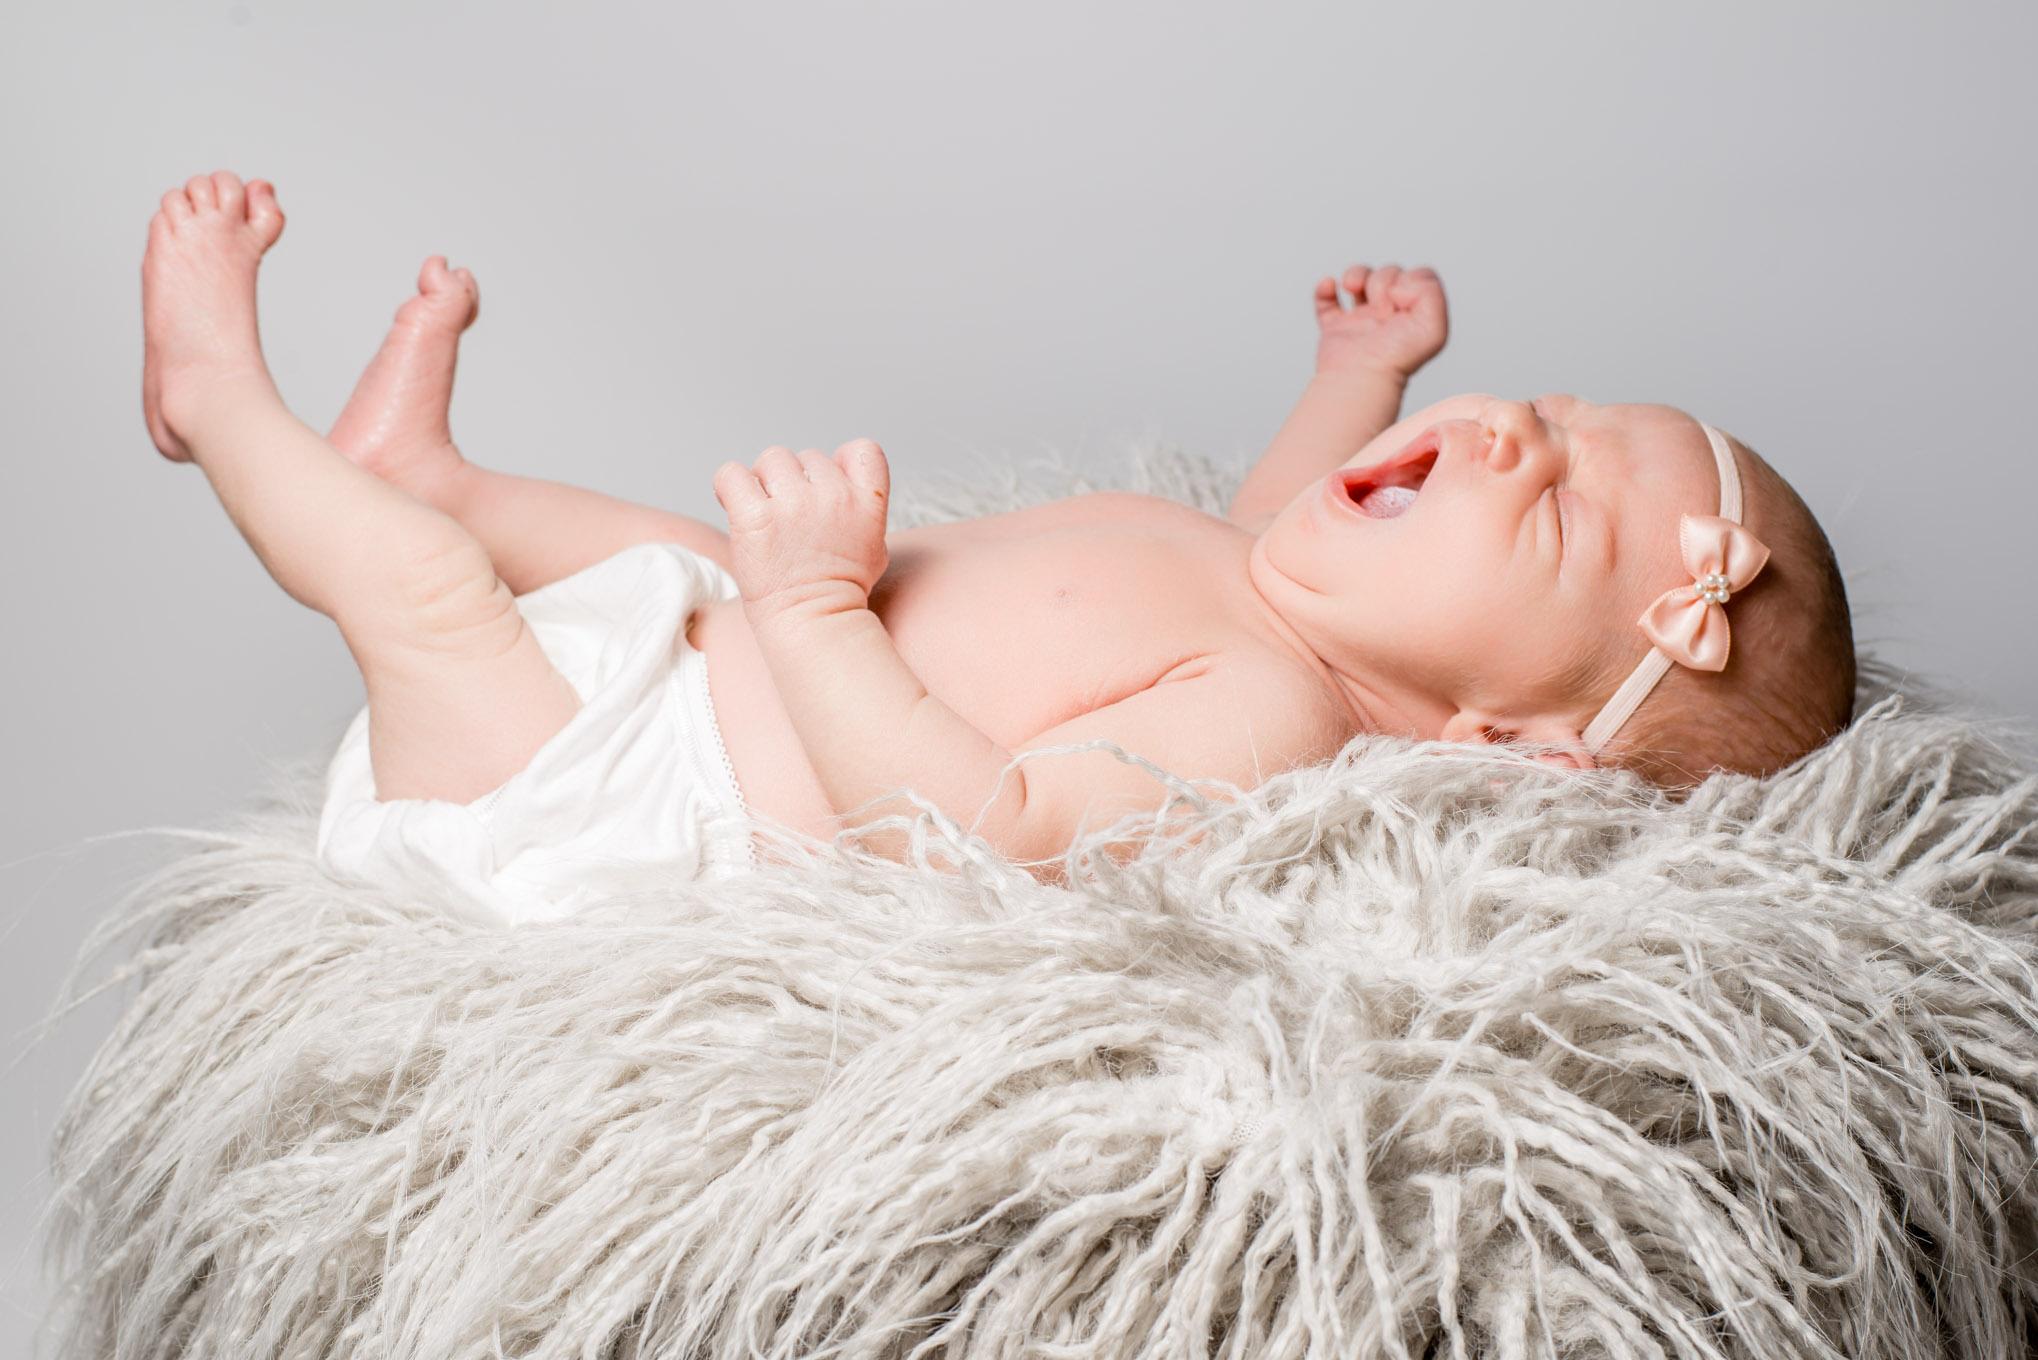 Newborn yawning | Children's Photography